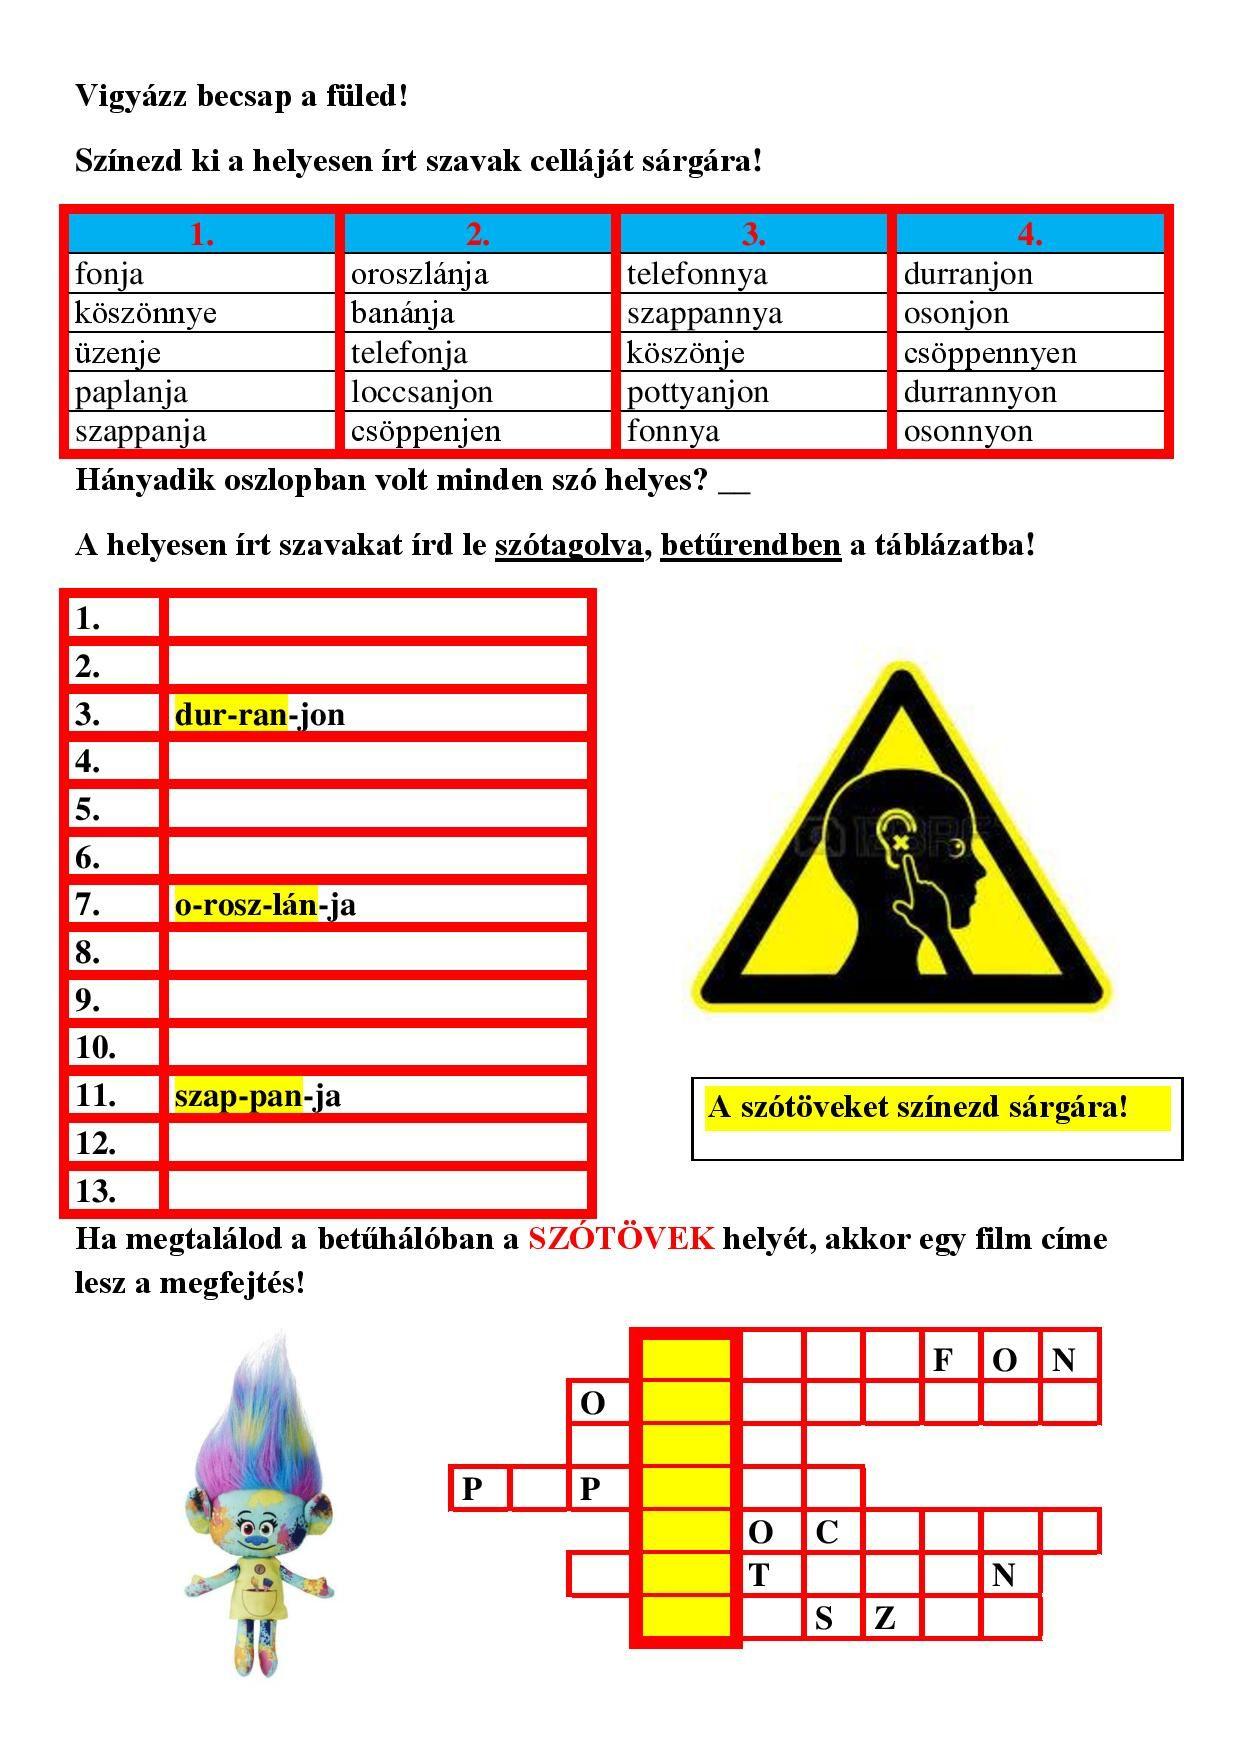 juditsuli.blogspot.hu